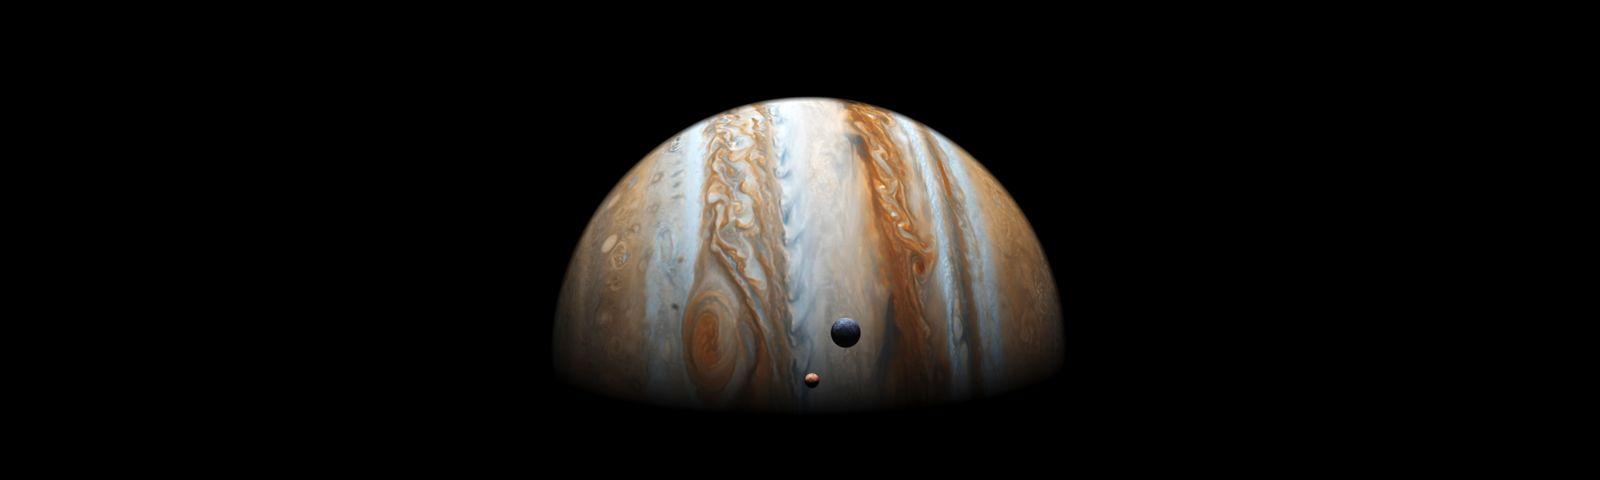 Jupiter's red spot is shrinking - NASA